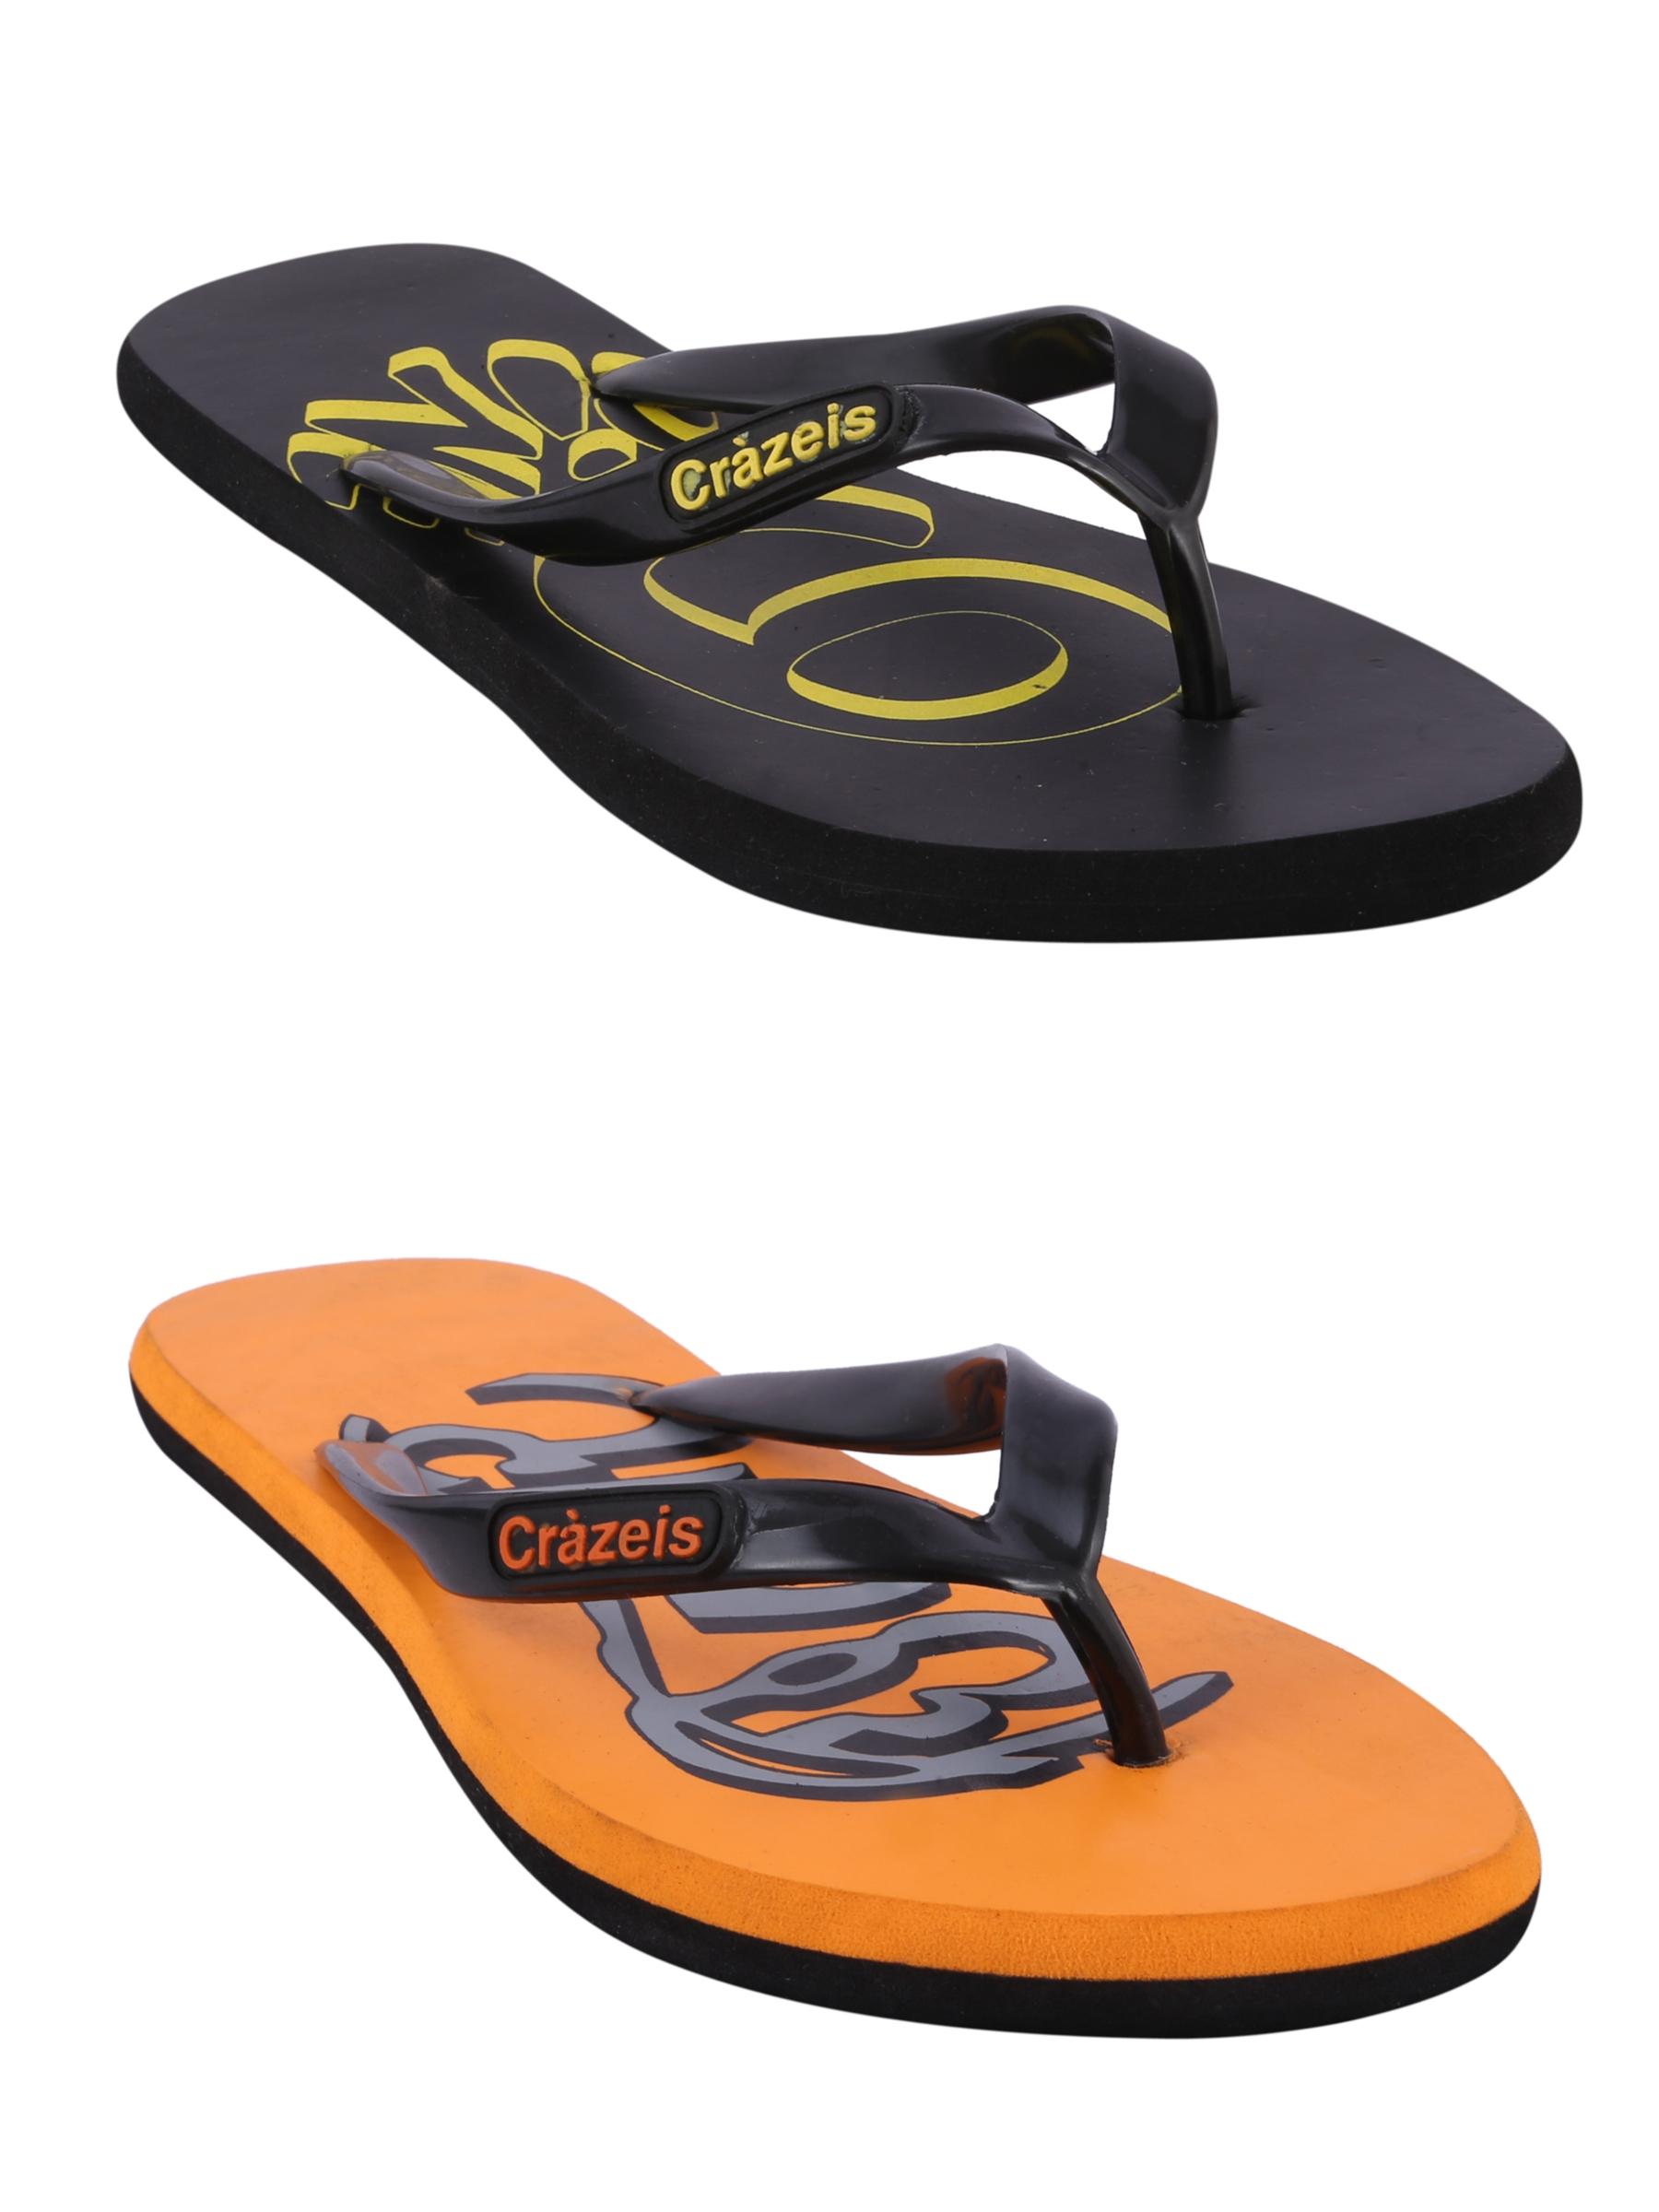 crazeis2 Crazeis Flip-flops Pack Of 2 For Men-001